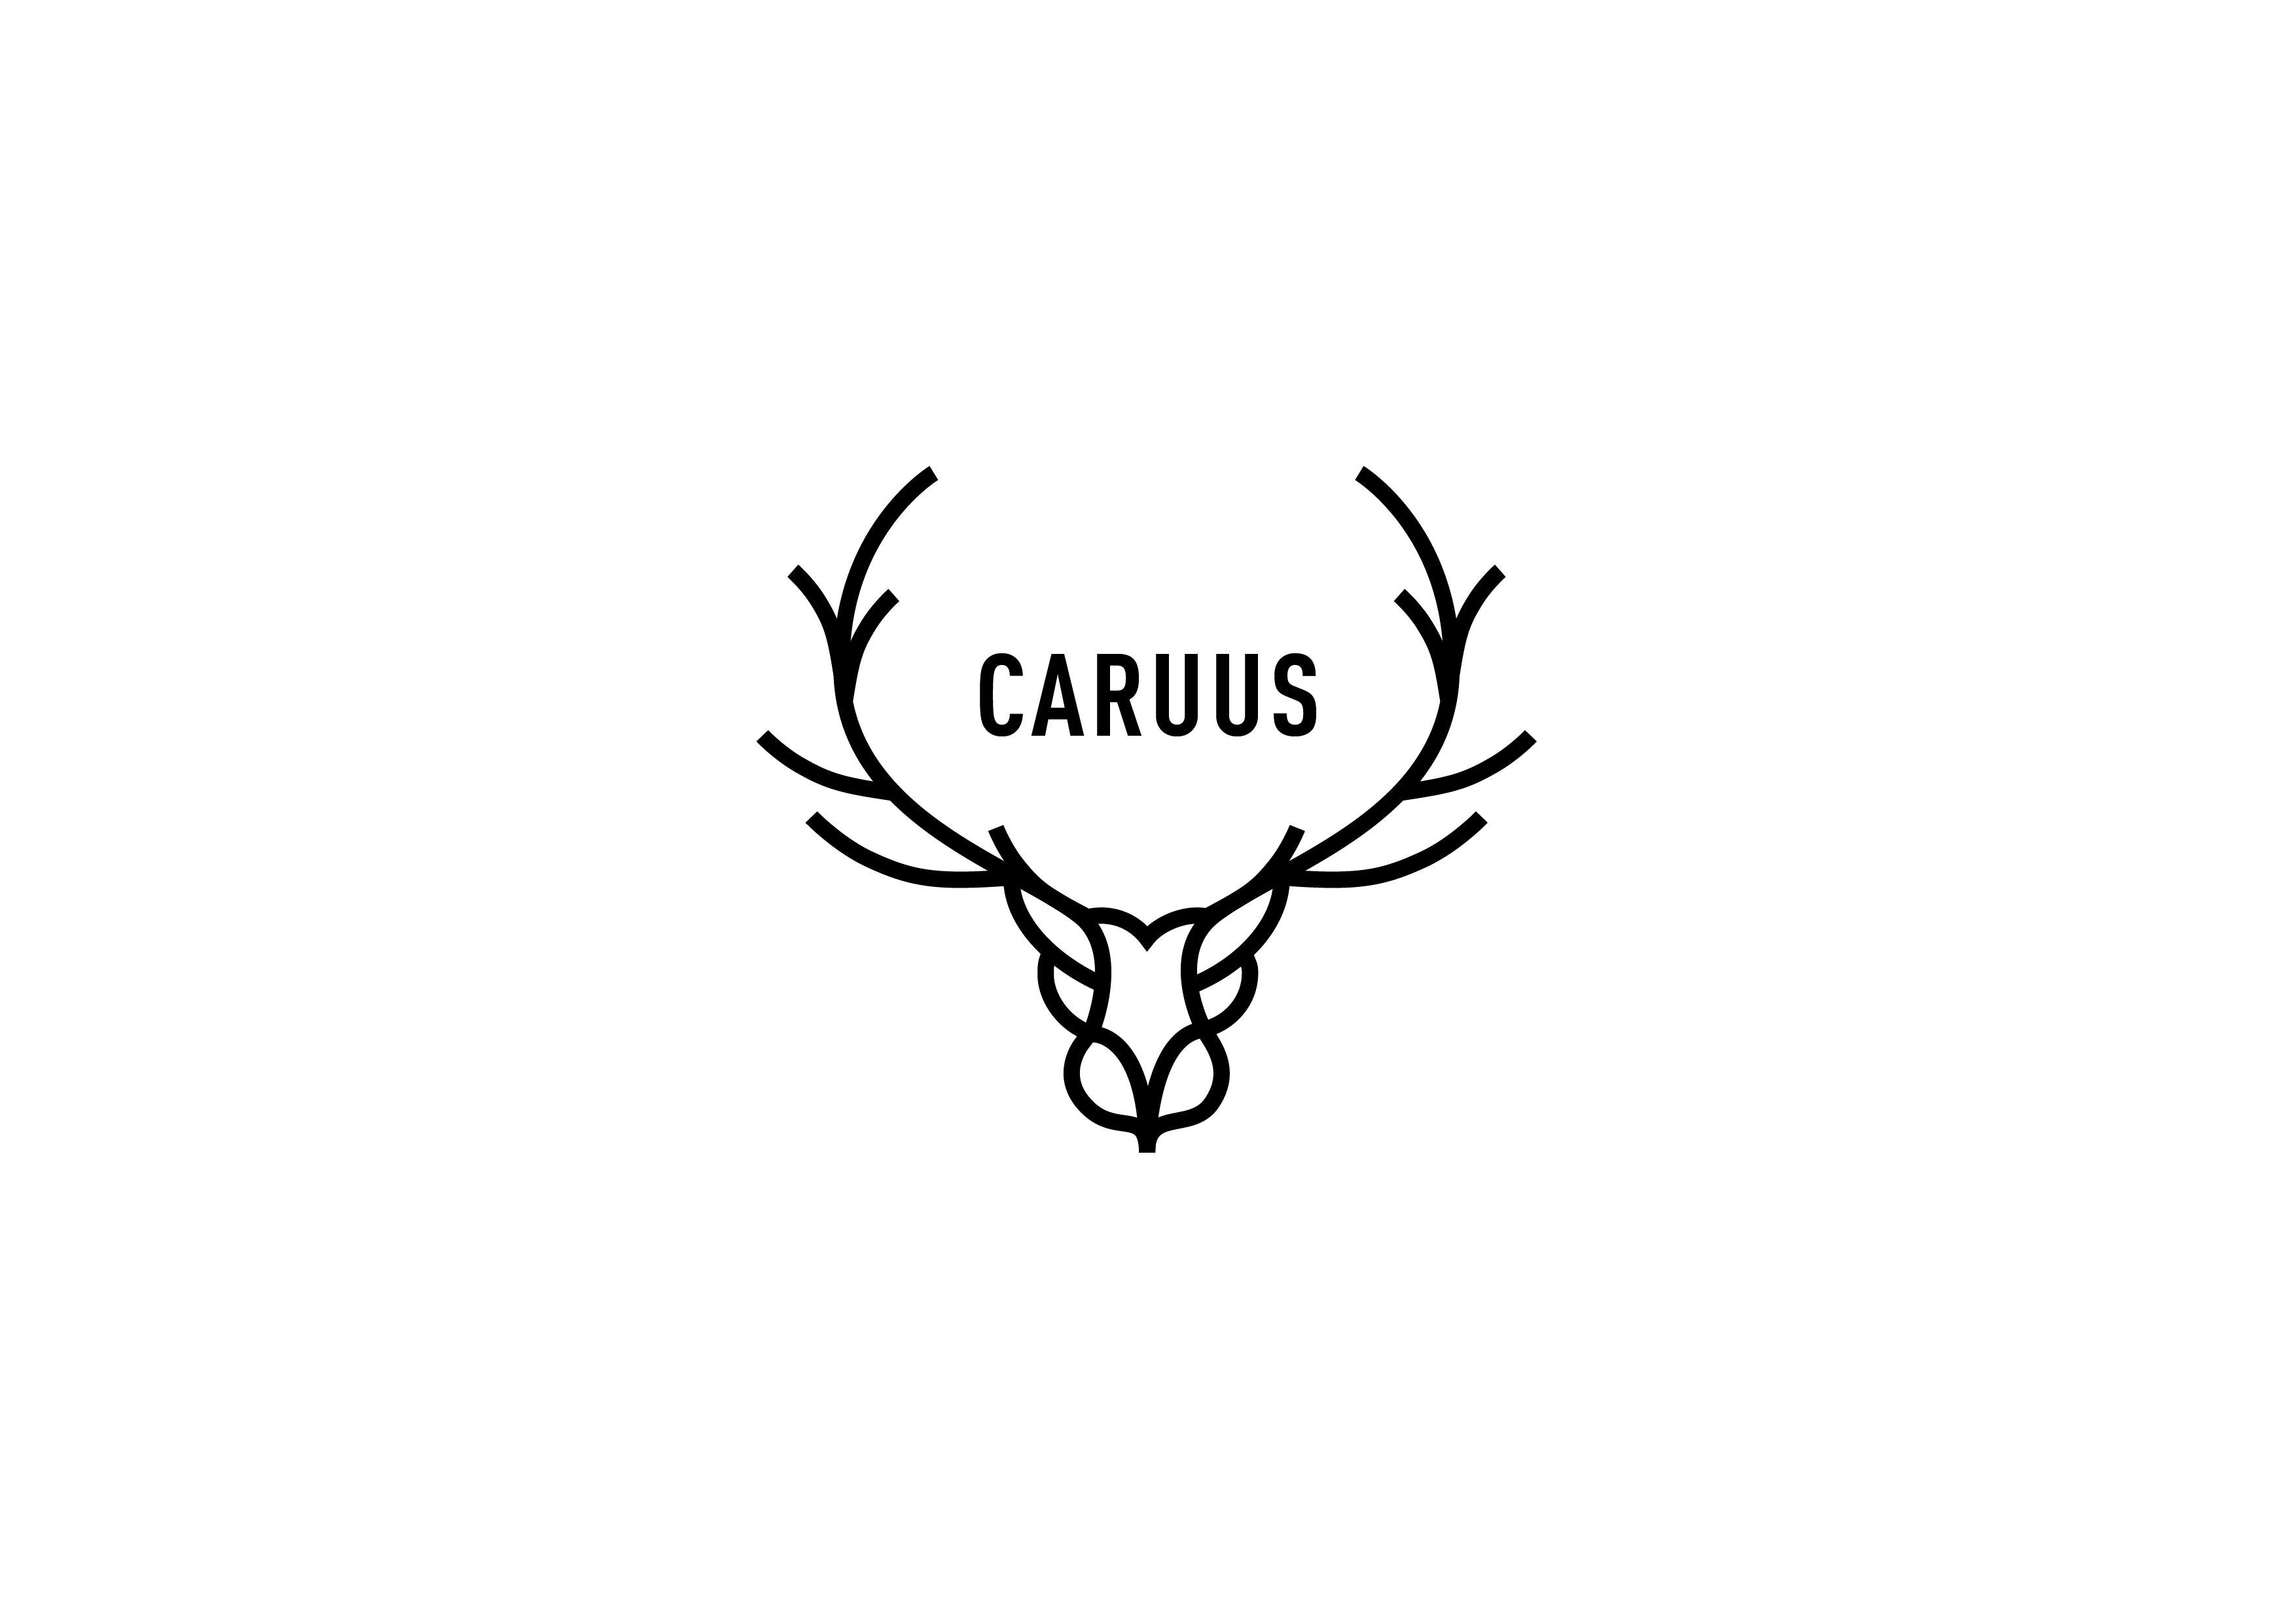 Caruus